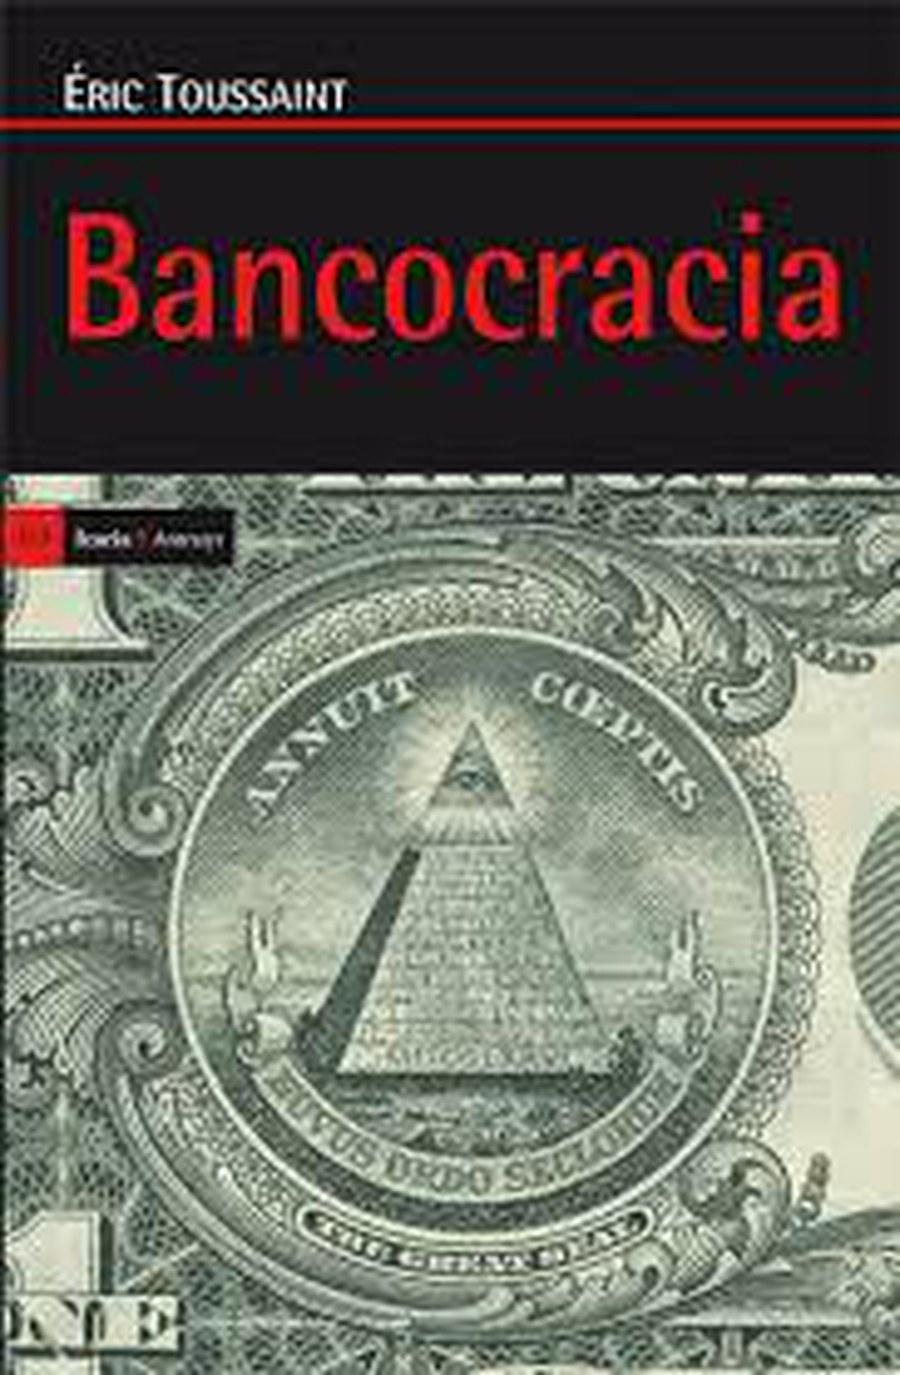 BANCOCRACIA.jpg